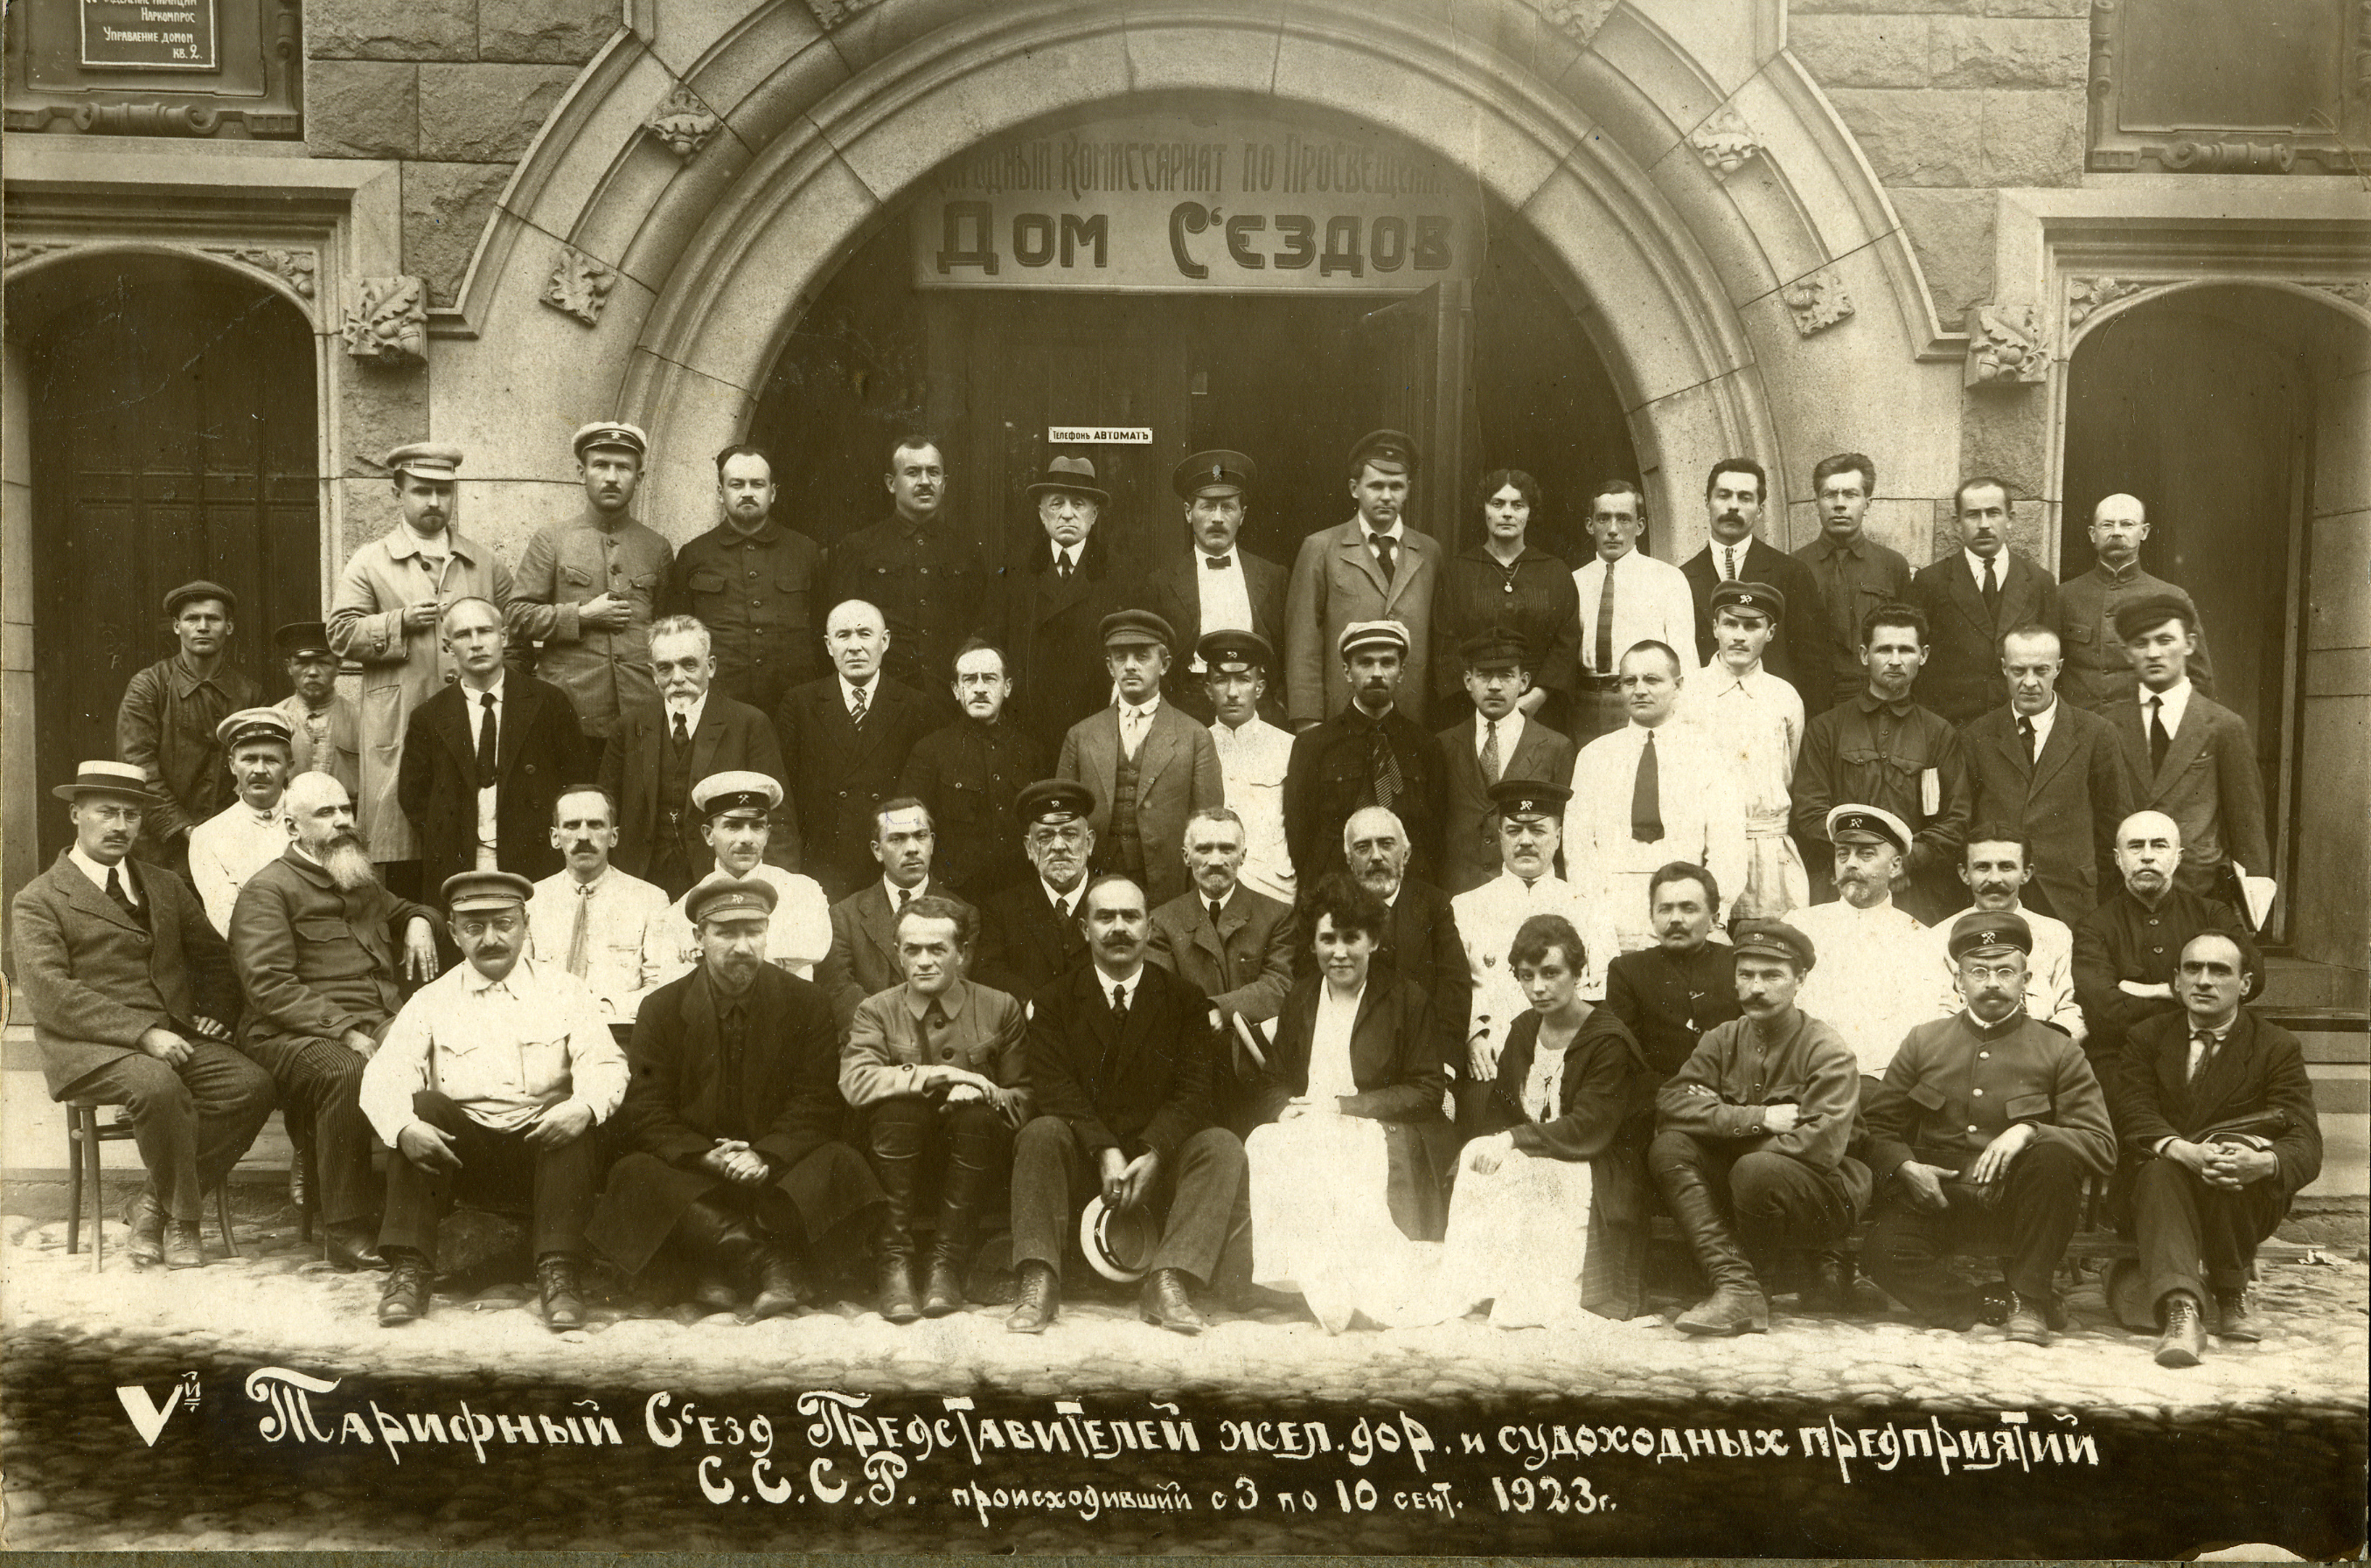 1923. 5 тарифный съезд представителей железной дороги и судоходных предприятий. Сентябрь